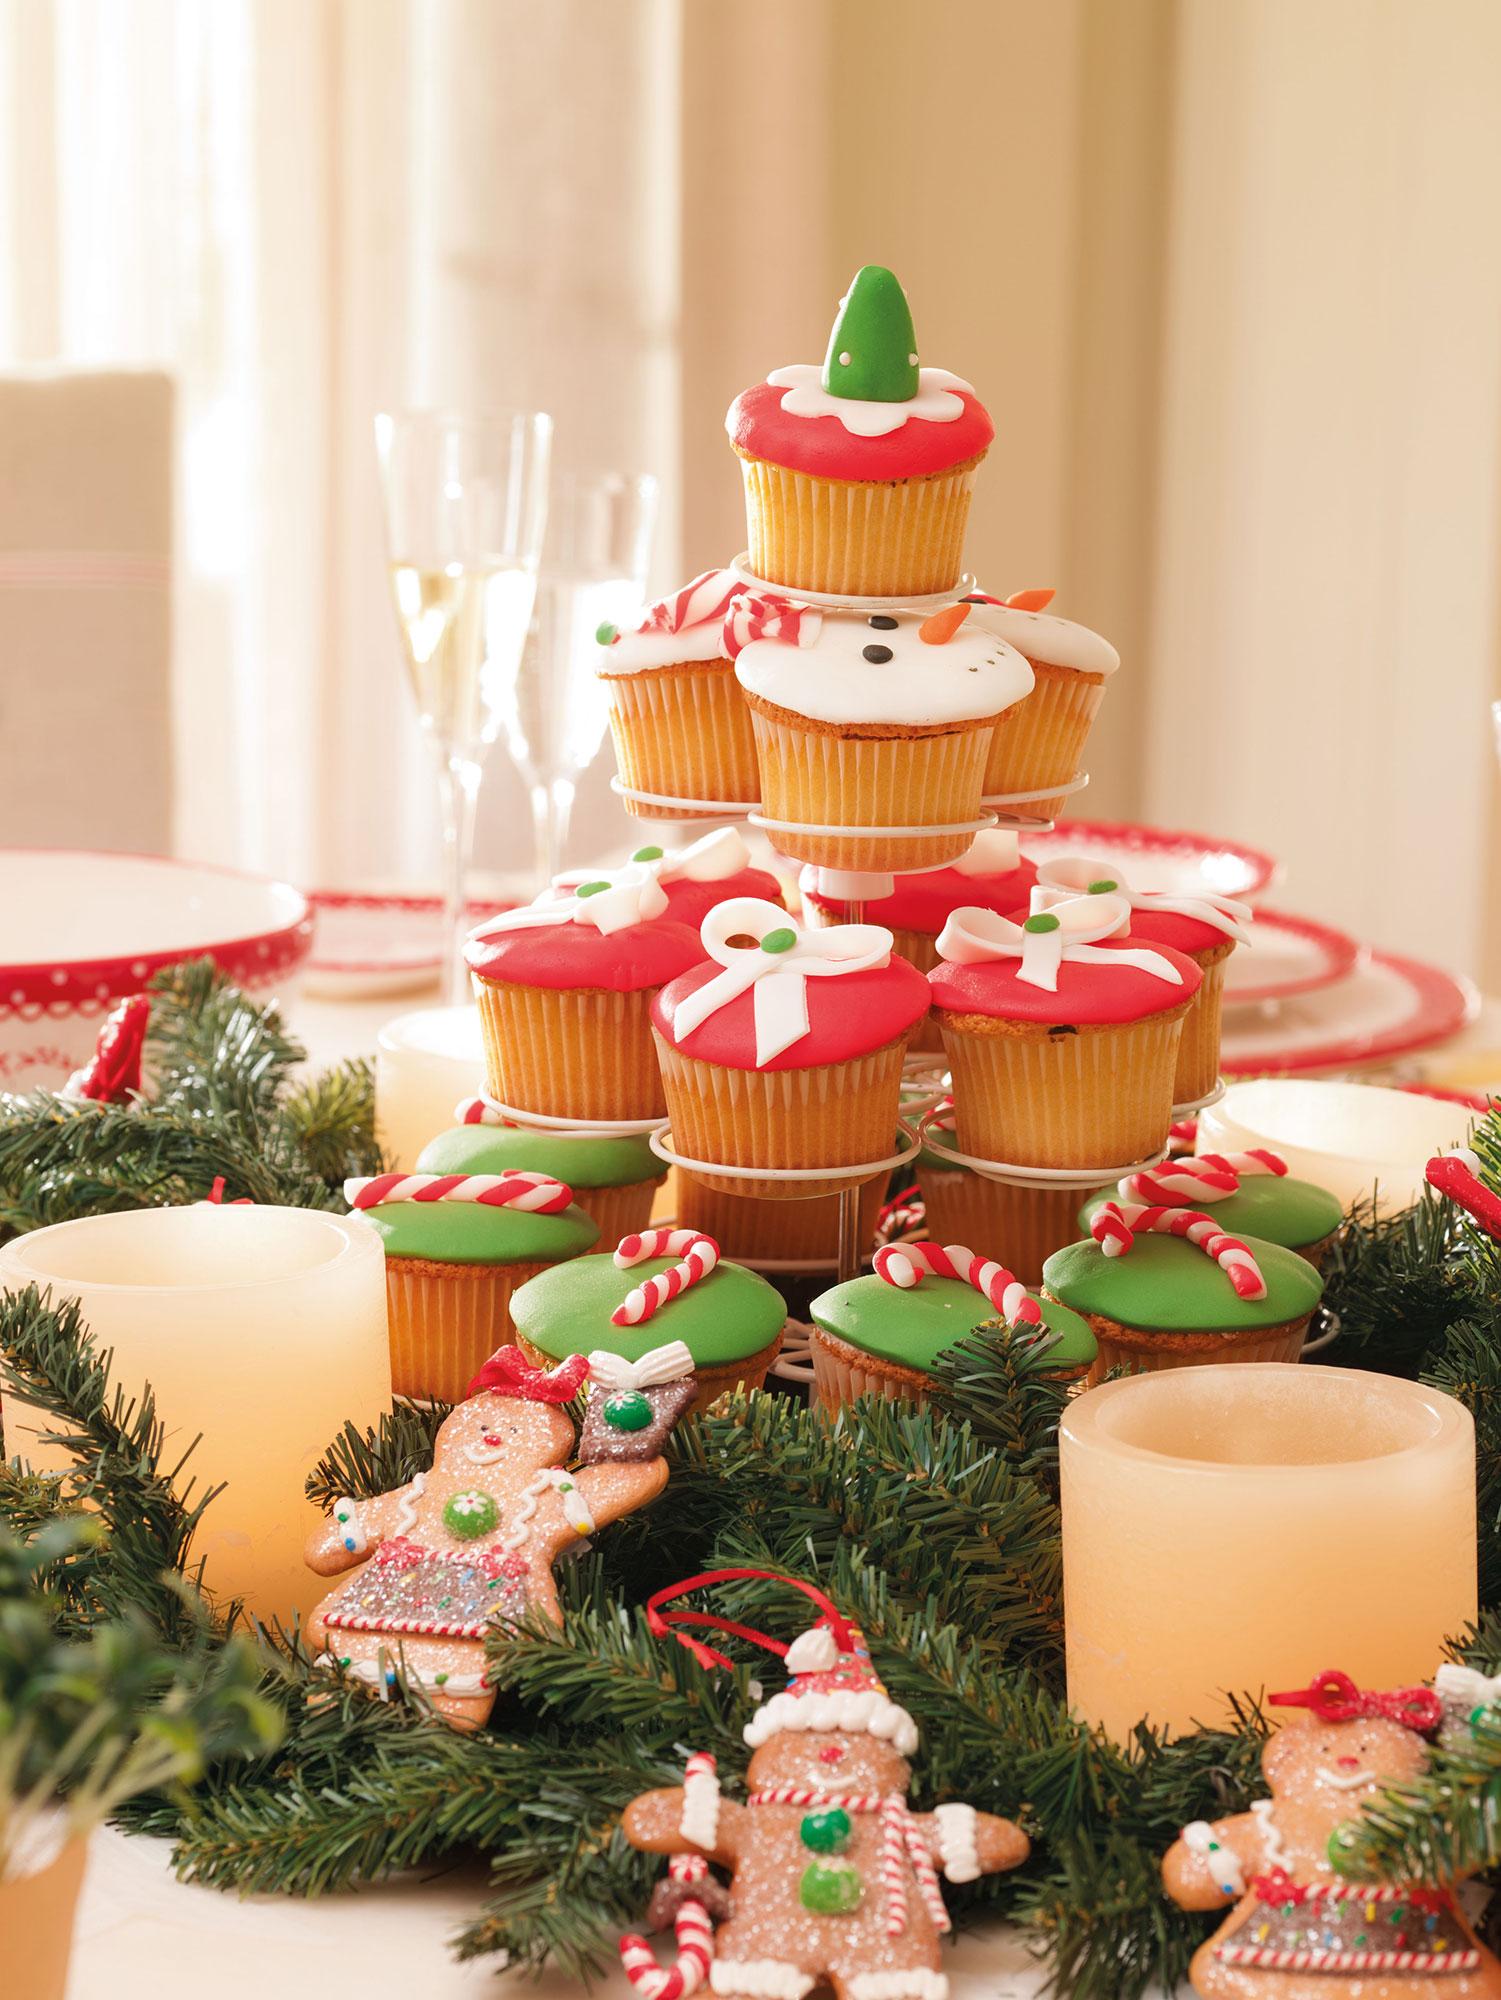 Decoraci n de navidad en rojo y verde 15 ideas para - Ideas originales decoracion navidad ...